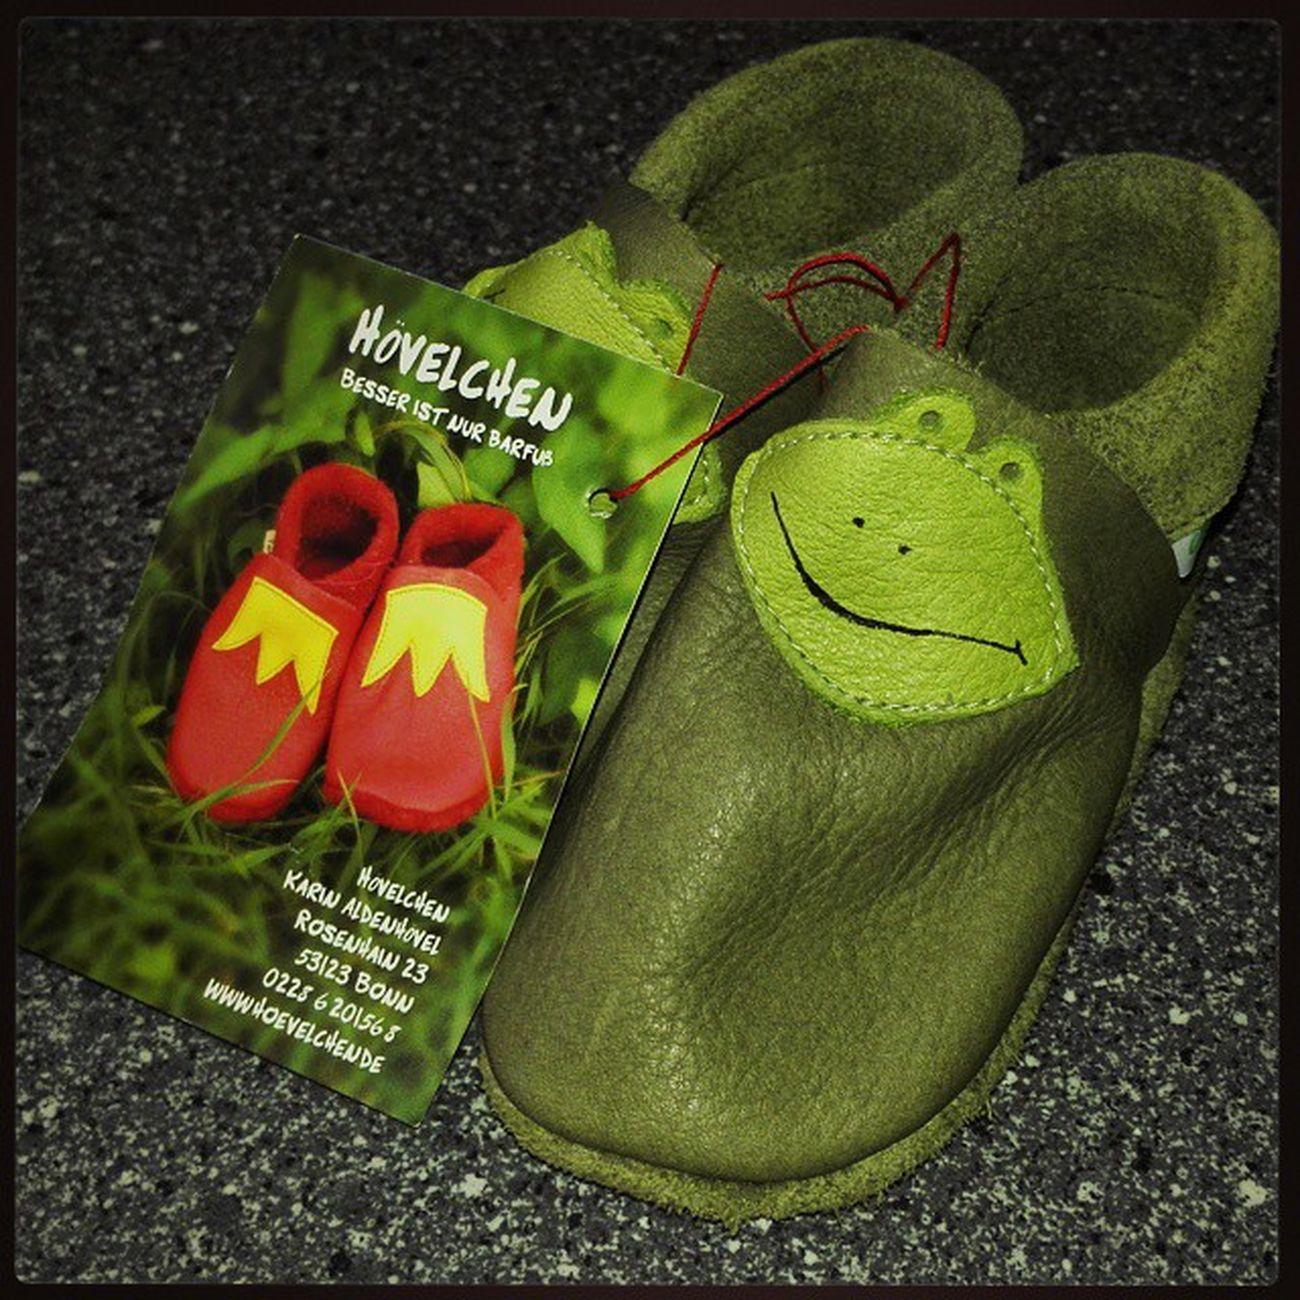 Wie gesagt tolle Dinge gab es auf dem Flachsmarkt . Zum Beispiel süße Schuhe aus unbehandeltem Leder für meinen Neffen Ben. 😊 Handarbeit Linn LinnerBurg BurgLinn Krefeld KrefeldLinn nrw deutschland niederrhein